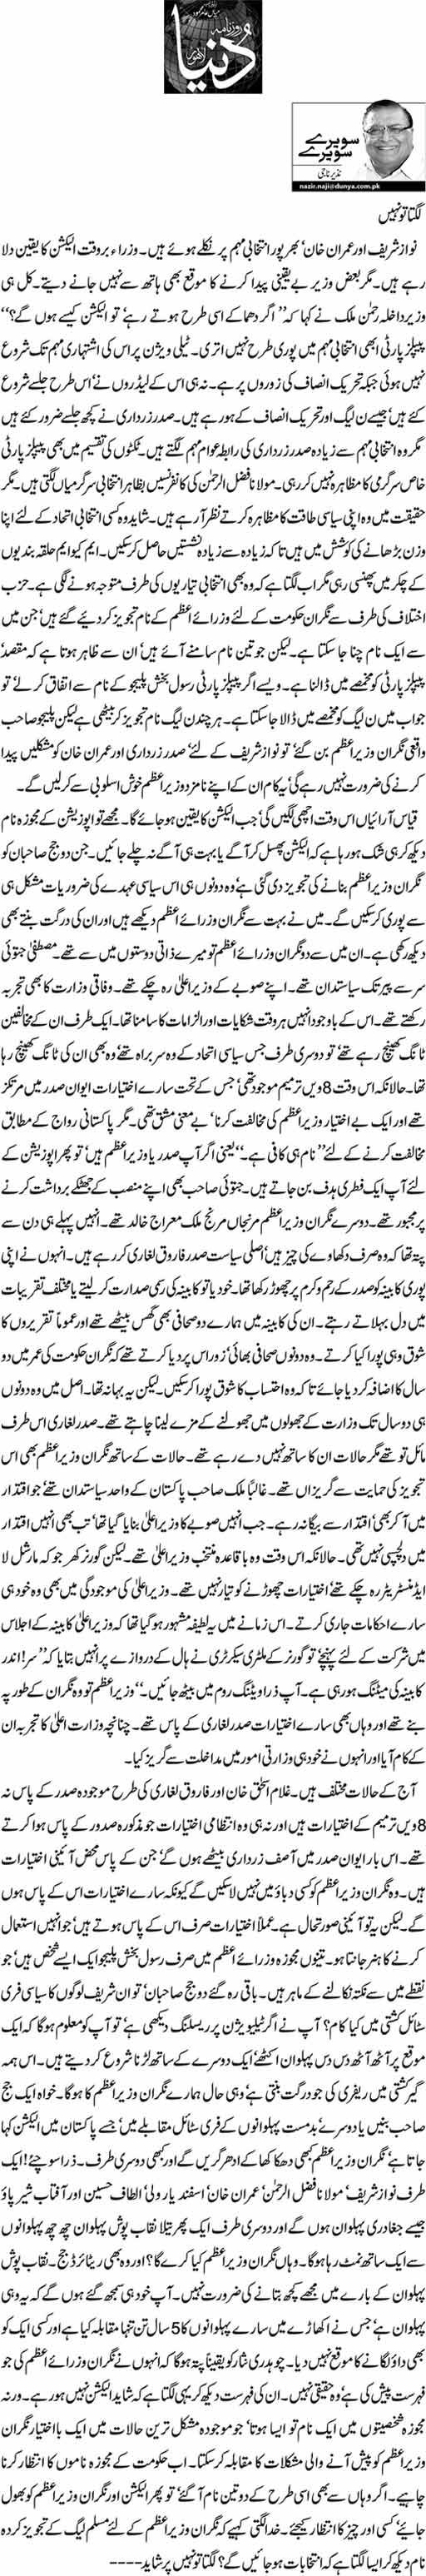 Lagta to nahi - Nazeer Naji